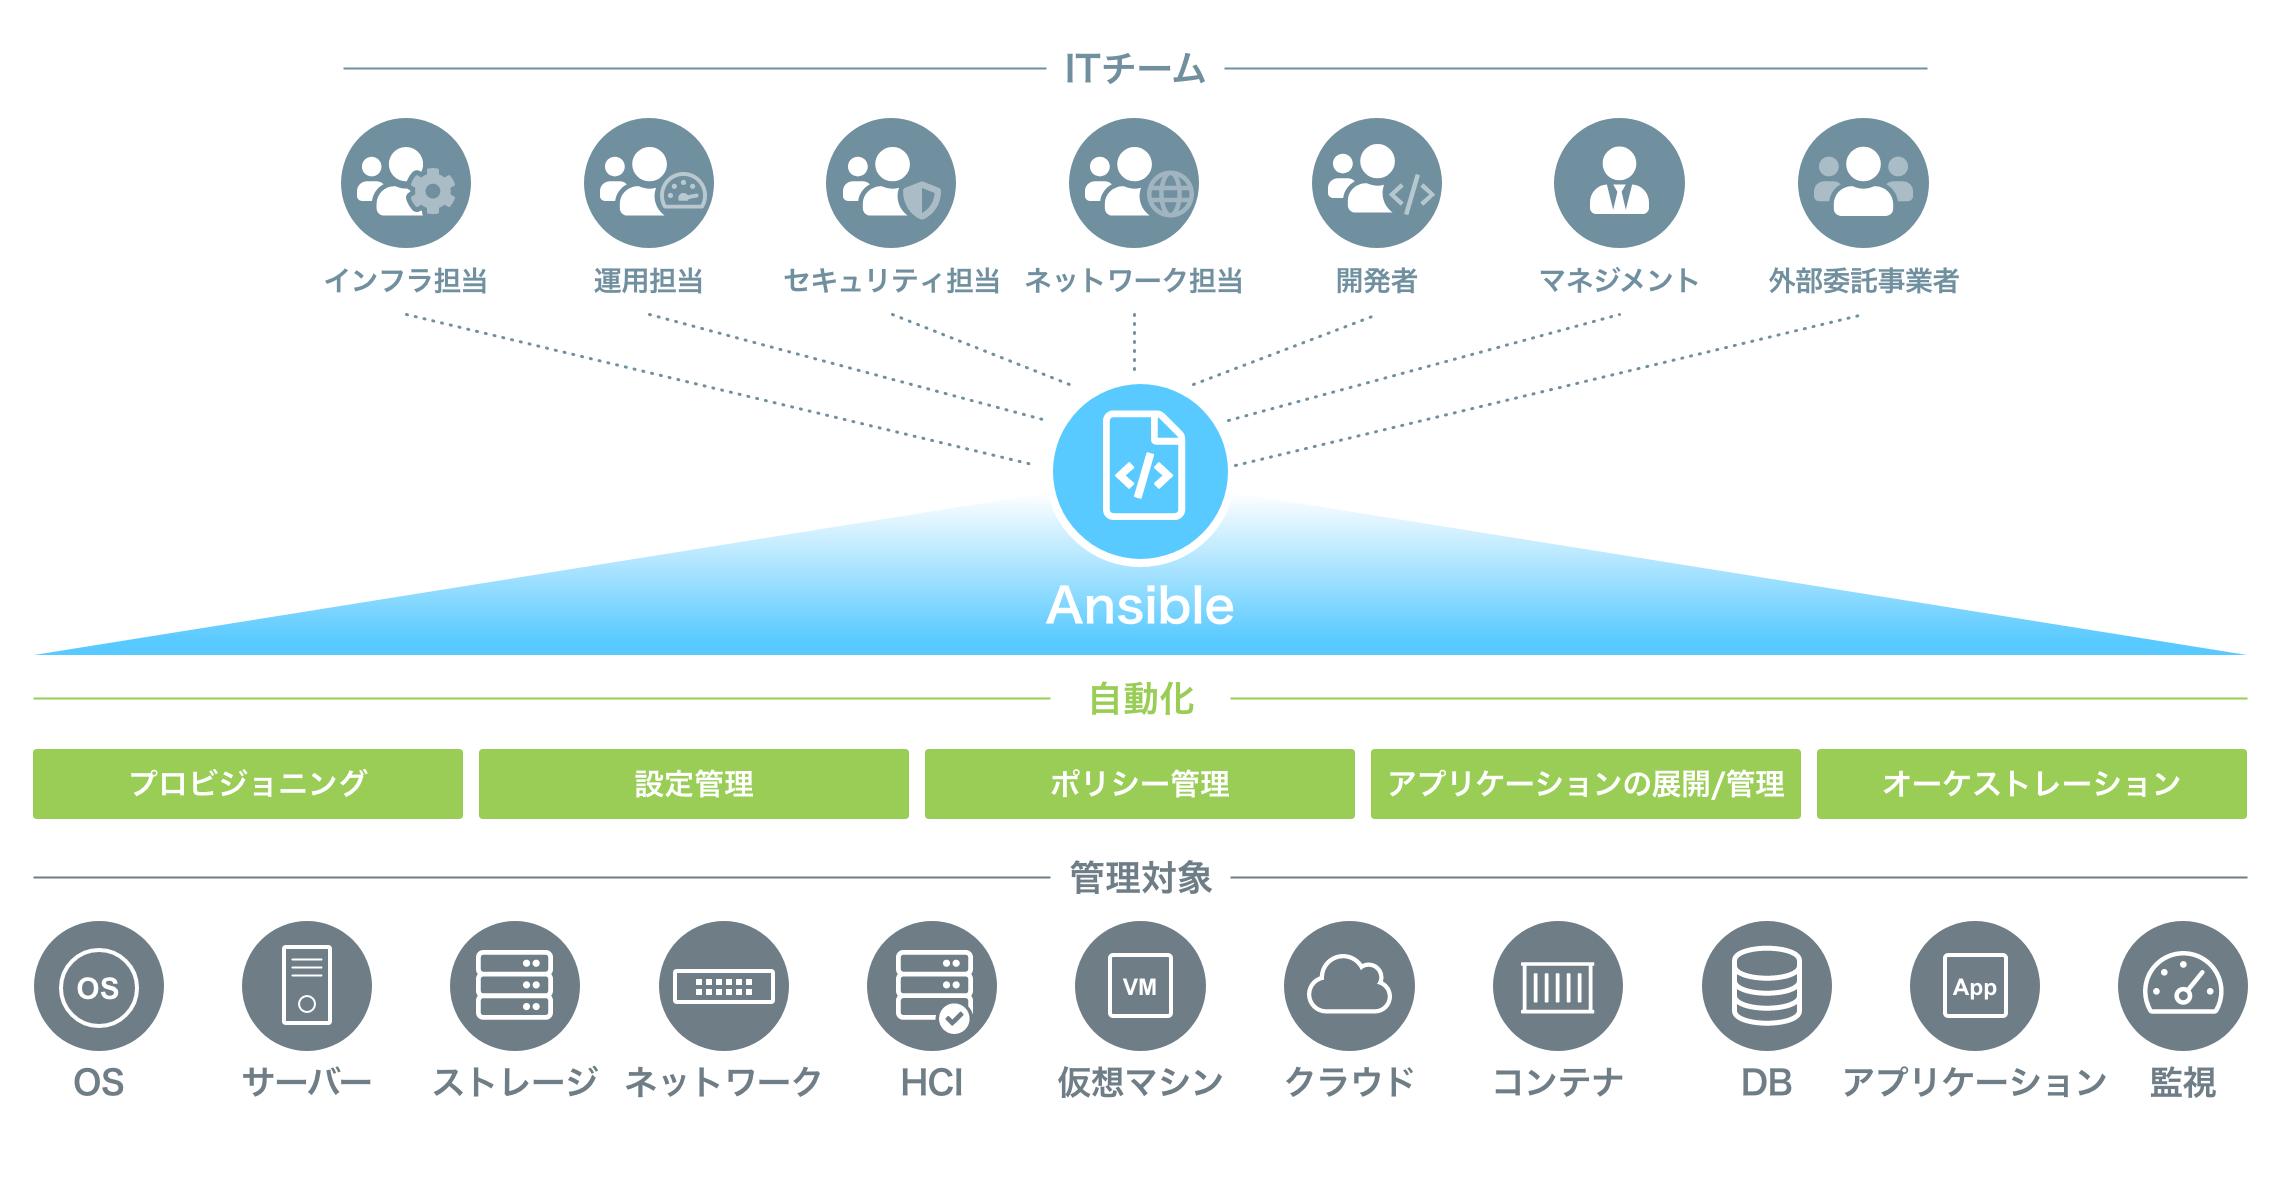 ITインフラ全体を統一的に制御するAnsibleによる自動化